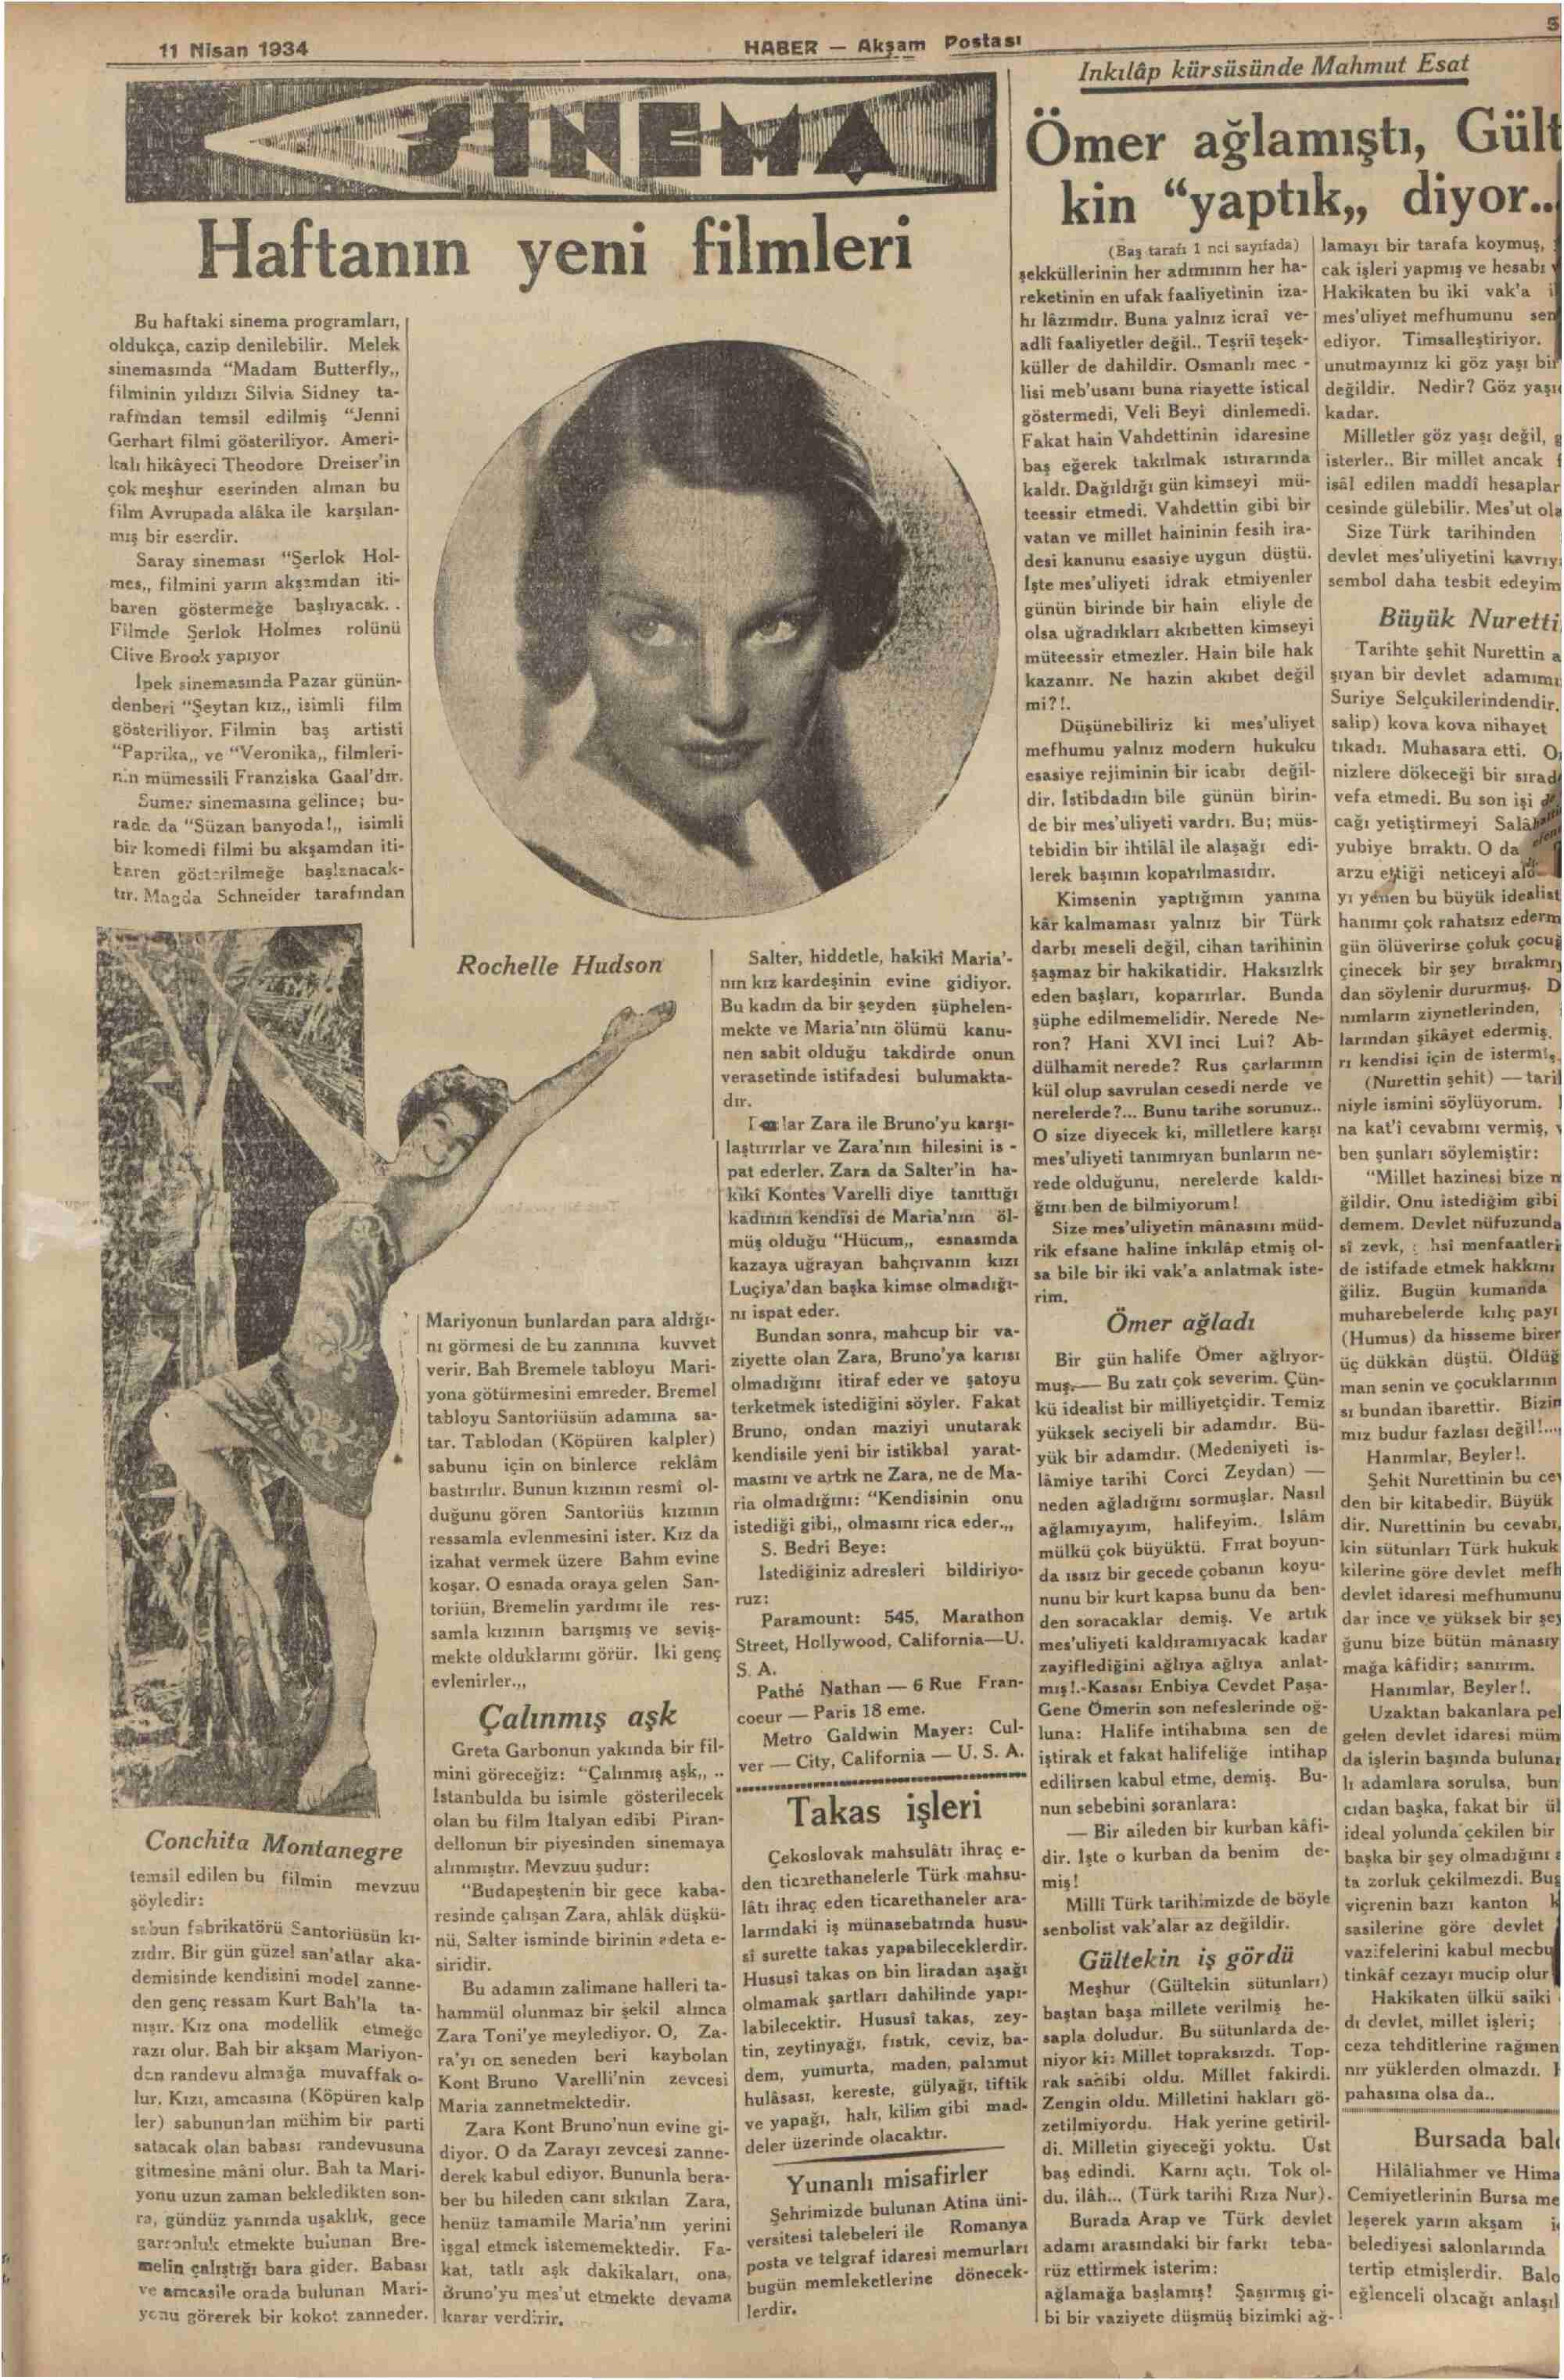 """Haftanın yeni flimleri Bu haftaki sinema programları,   oldukça, cazip denilebilir. Melek sinemasında """"Madam Butterfiy,, filminin yıldızı Silvia Sidney ta- rafindan temsil edilmiş """"Jenni Gerhart filmi gösteriliyor. Ameri- kalı hikâyeci Theodore Dreiser'in çok meşhür eserinden alınan bu   f film Avrupada alâka ile karşılan: ğ y A YA (Baş taralı 1 nci sayıfada)   Jamayı bir tarafa koymuş, şekküllerinin her adımının her ha-   cak işleri yapmış ve hesabı reketinin en ufak faaliyetinin iza-   Hakikaten bu iki vak'a i hı lâzımdır. Buna yalnız icrai """".W mes'uliyet mefhumunu adli faaliyetler değil.. Teşrit teşek-   ediyor. Timsalleştiriyor.   küller de dahildir. Osmanlı mec -   unutmayımız ki göz yaşı bii ı lisi meb'usanı buna riayette istical   değildir. Nedir? Göz yaşı   göstermedi, Veli Beyi dinlemedi. ' kadar.   Fakat hain Vahdettinin idaresine  — Milletler göz yaşı değil, baş eğerek takılmak ıstırarında   isterler.. Bir millet ancak kaldı. Dağıldığı gün kimseyi mü-   işâl edilen maddi hesaplar teessir etmedi. Vahdettin gibi bir   cesinde gülebilir. Mes'ut ol A X Ka se a Ezeli, Ösin Ce u. » Kai n"""